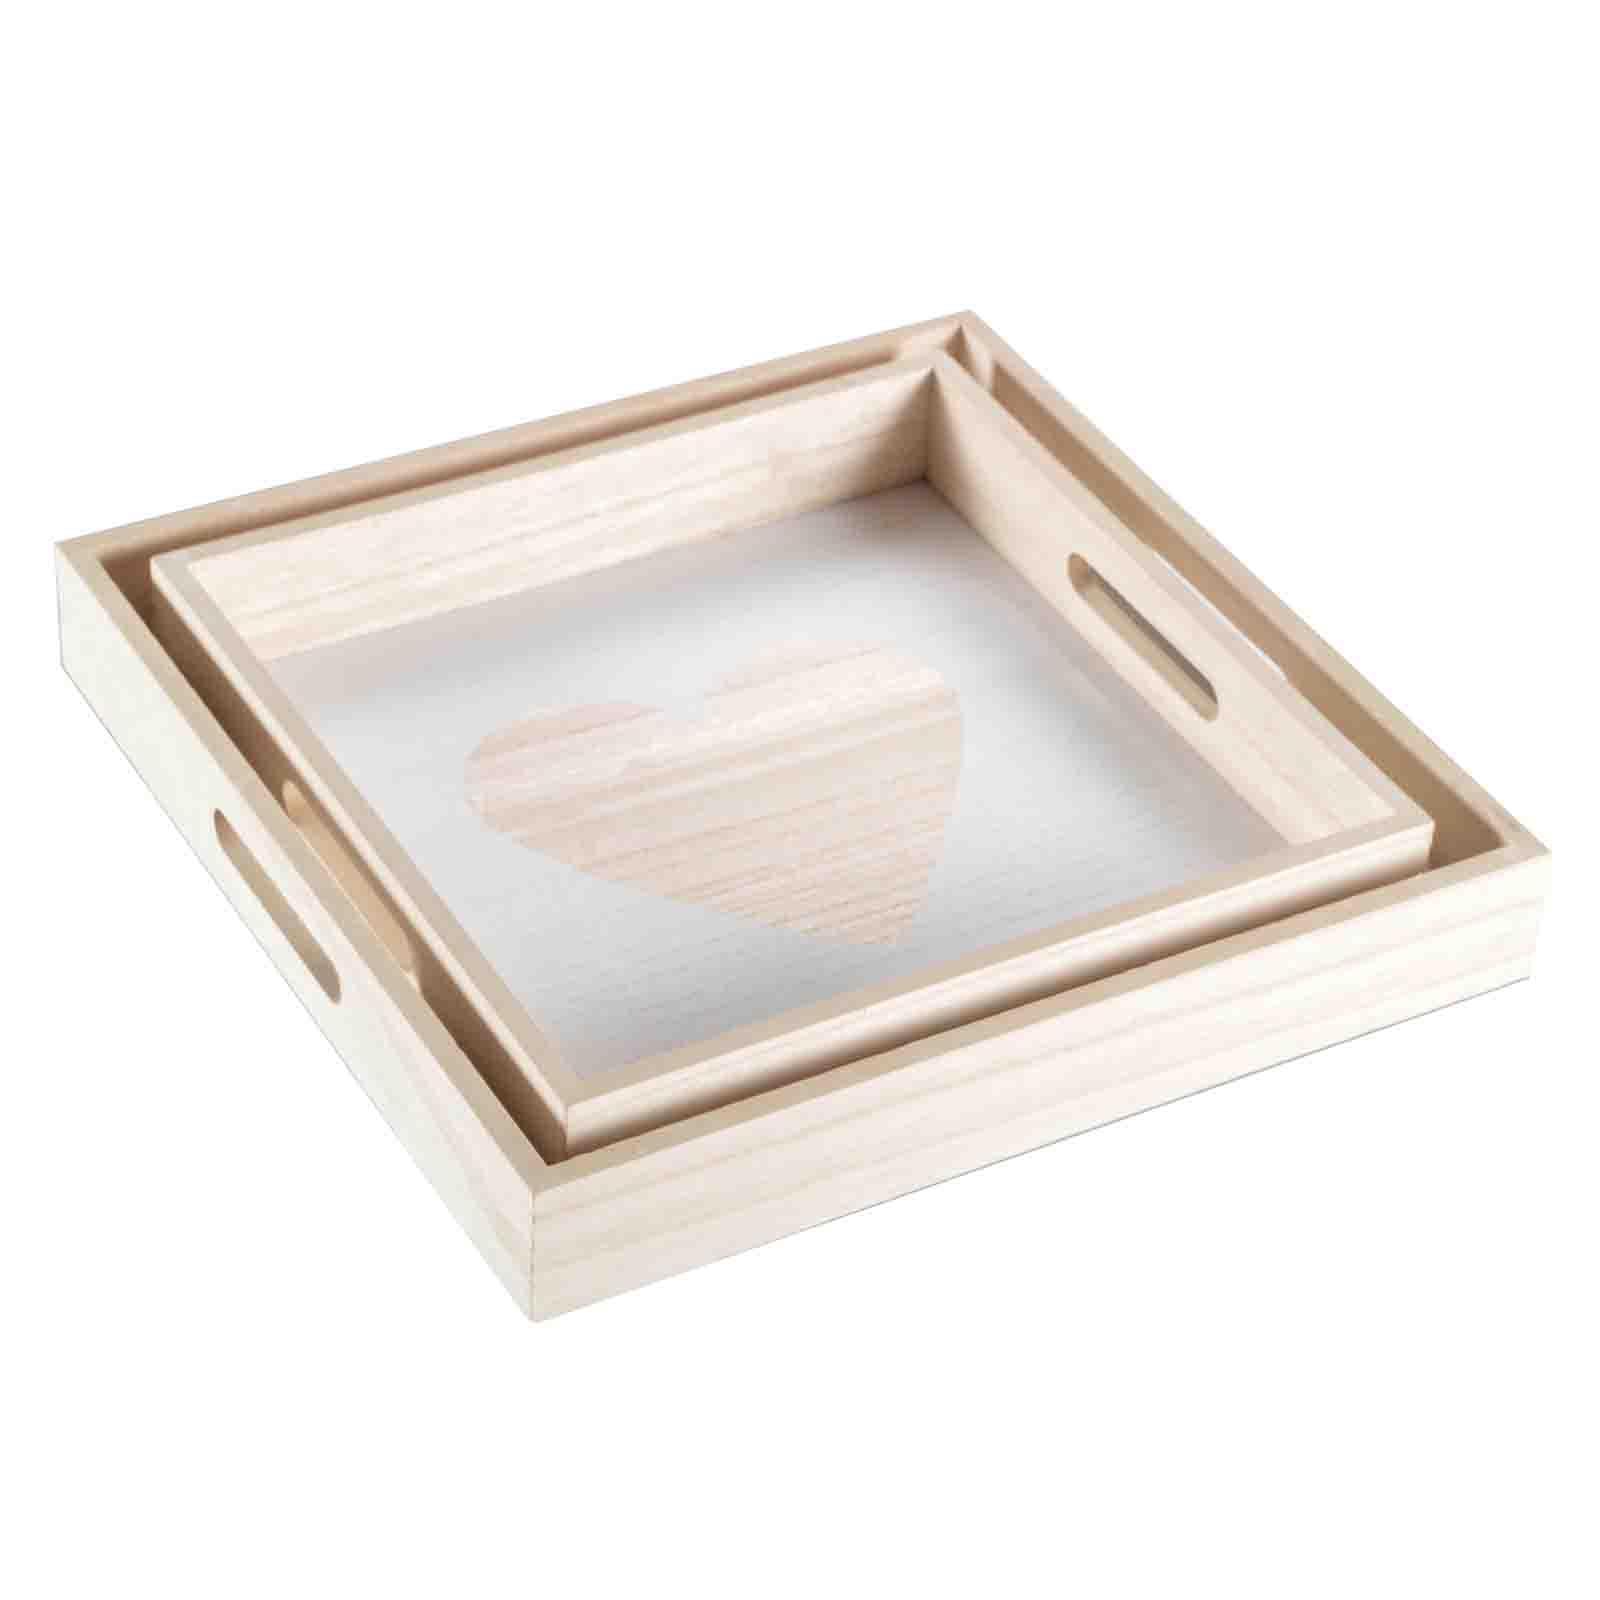 2er set tablett motive dekotablett holztablett kerzentablett deko shabby holz ebay. Black Bedroom Furniture Sets. Home Design Ideas